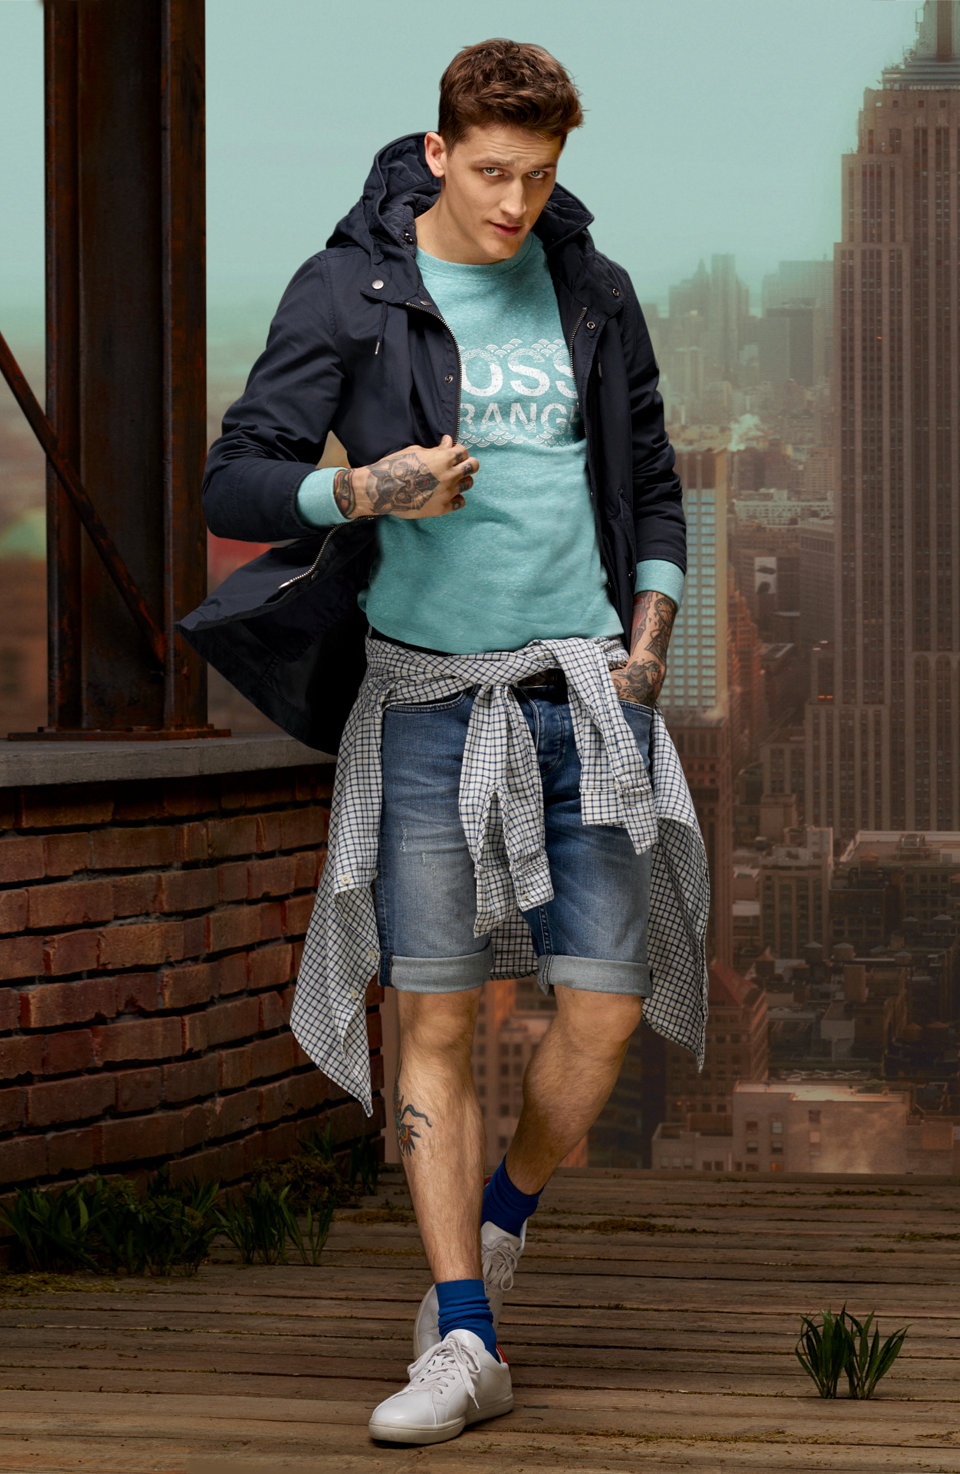 Dunkelblaue Jacke, grünes Sweatshirt und blaue Jeans vonBOSSOrange